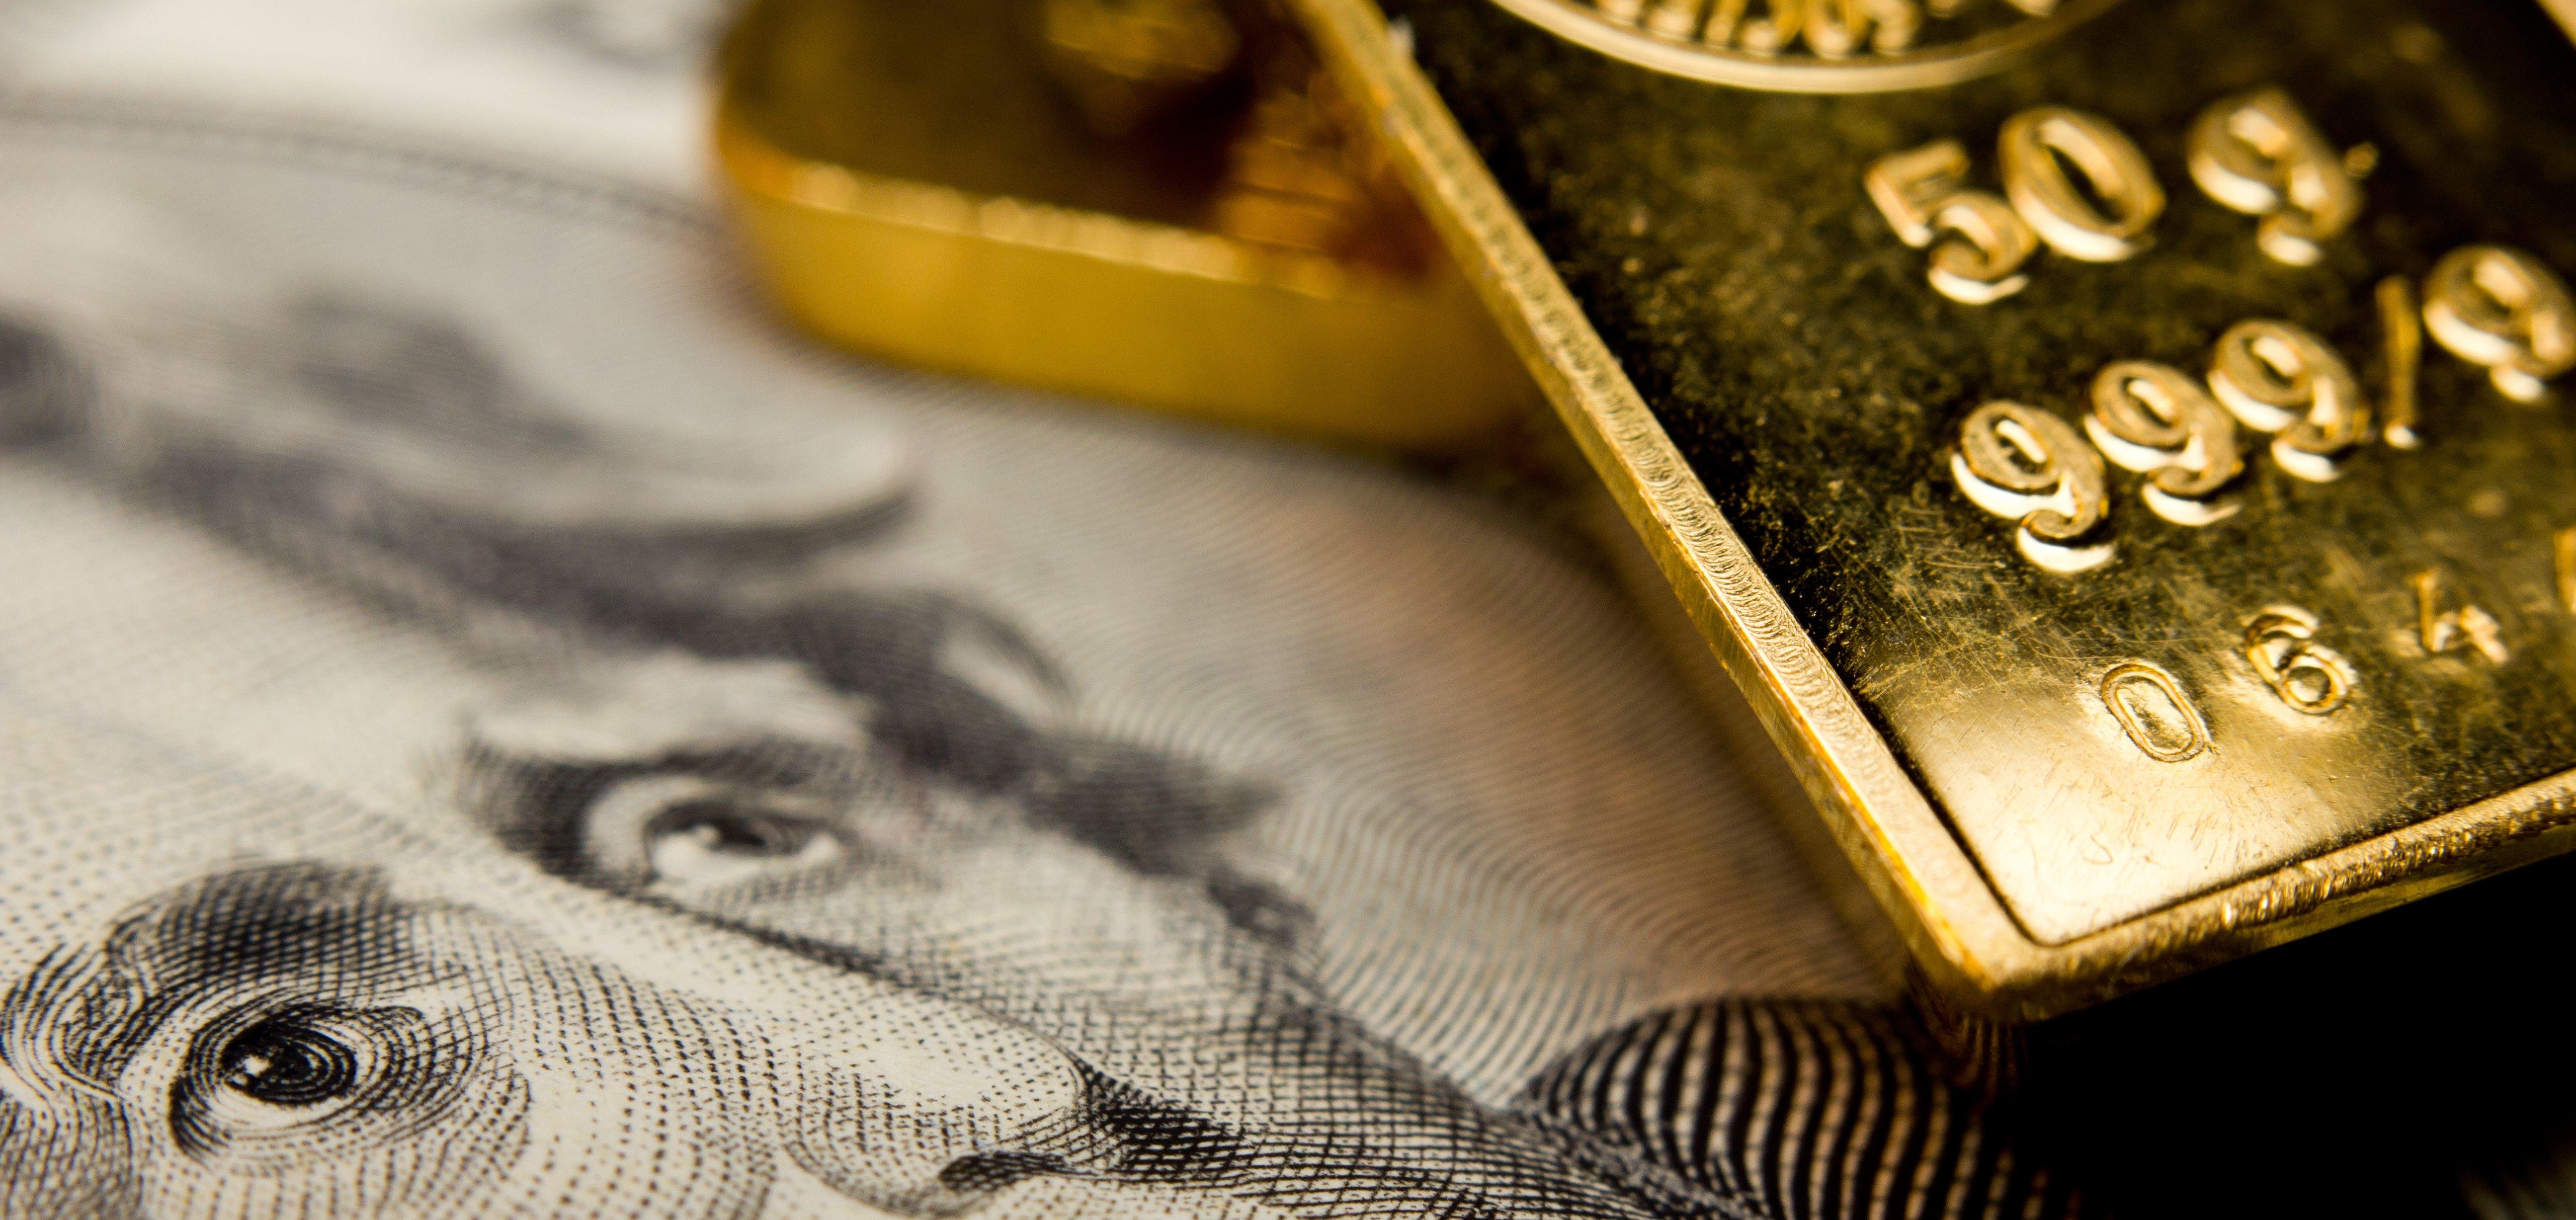 lingote de oro, oro de inversión y billete de dólar